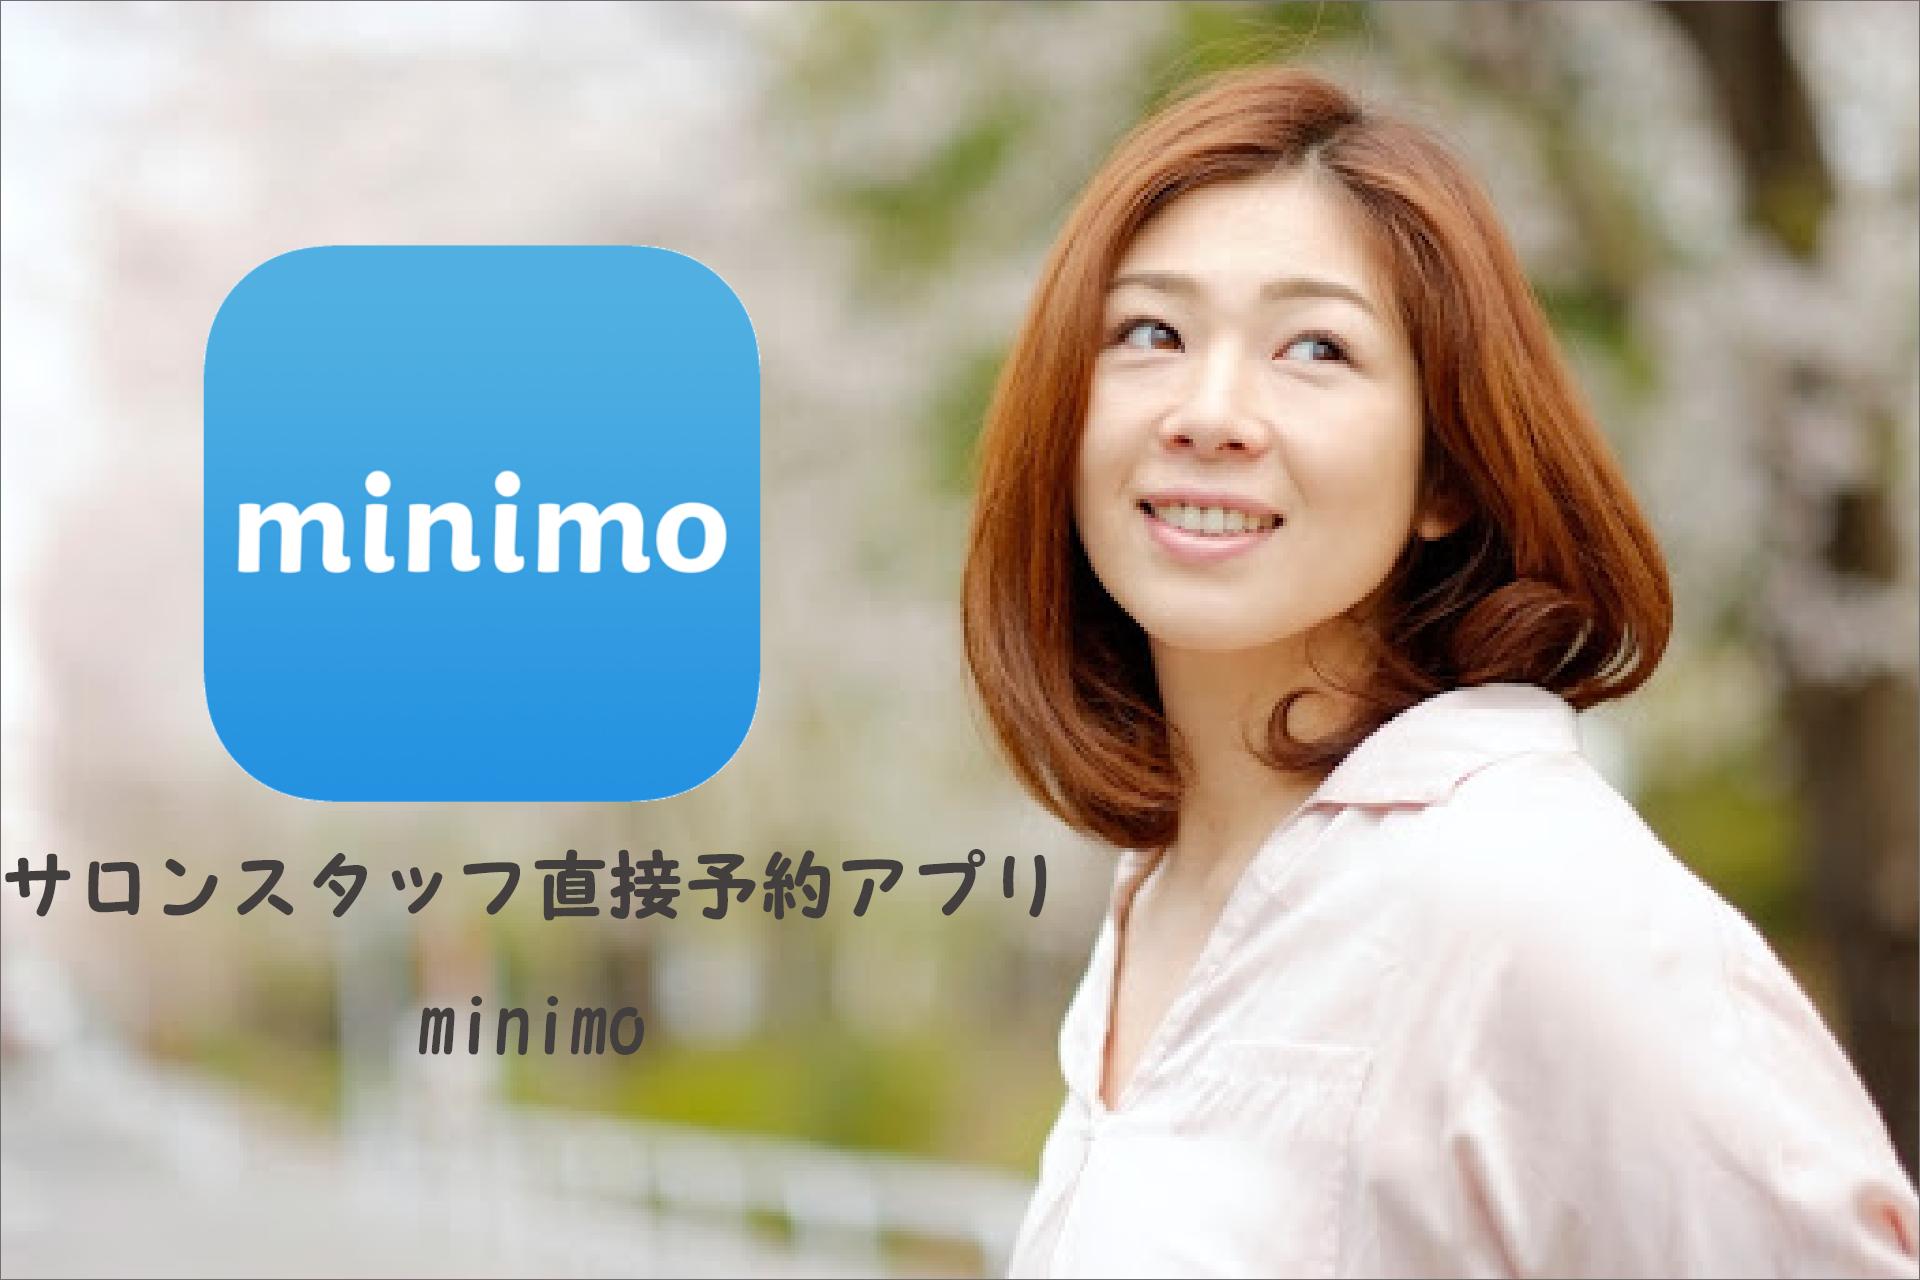 【もっとはやく知りたかった!】サロンスタッフ直接予約アプリの『ミニモ』が控えめに言って最高だった話